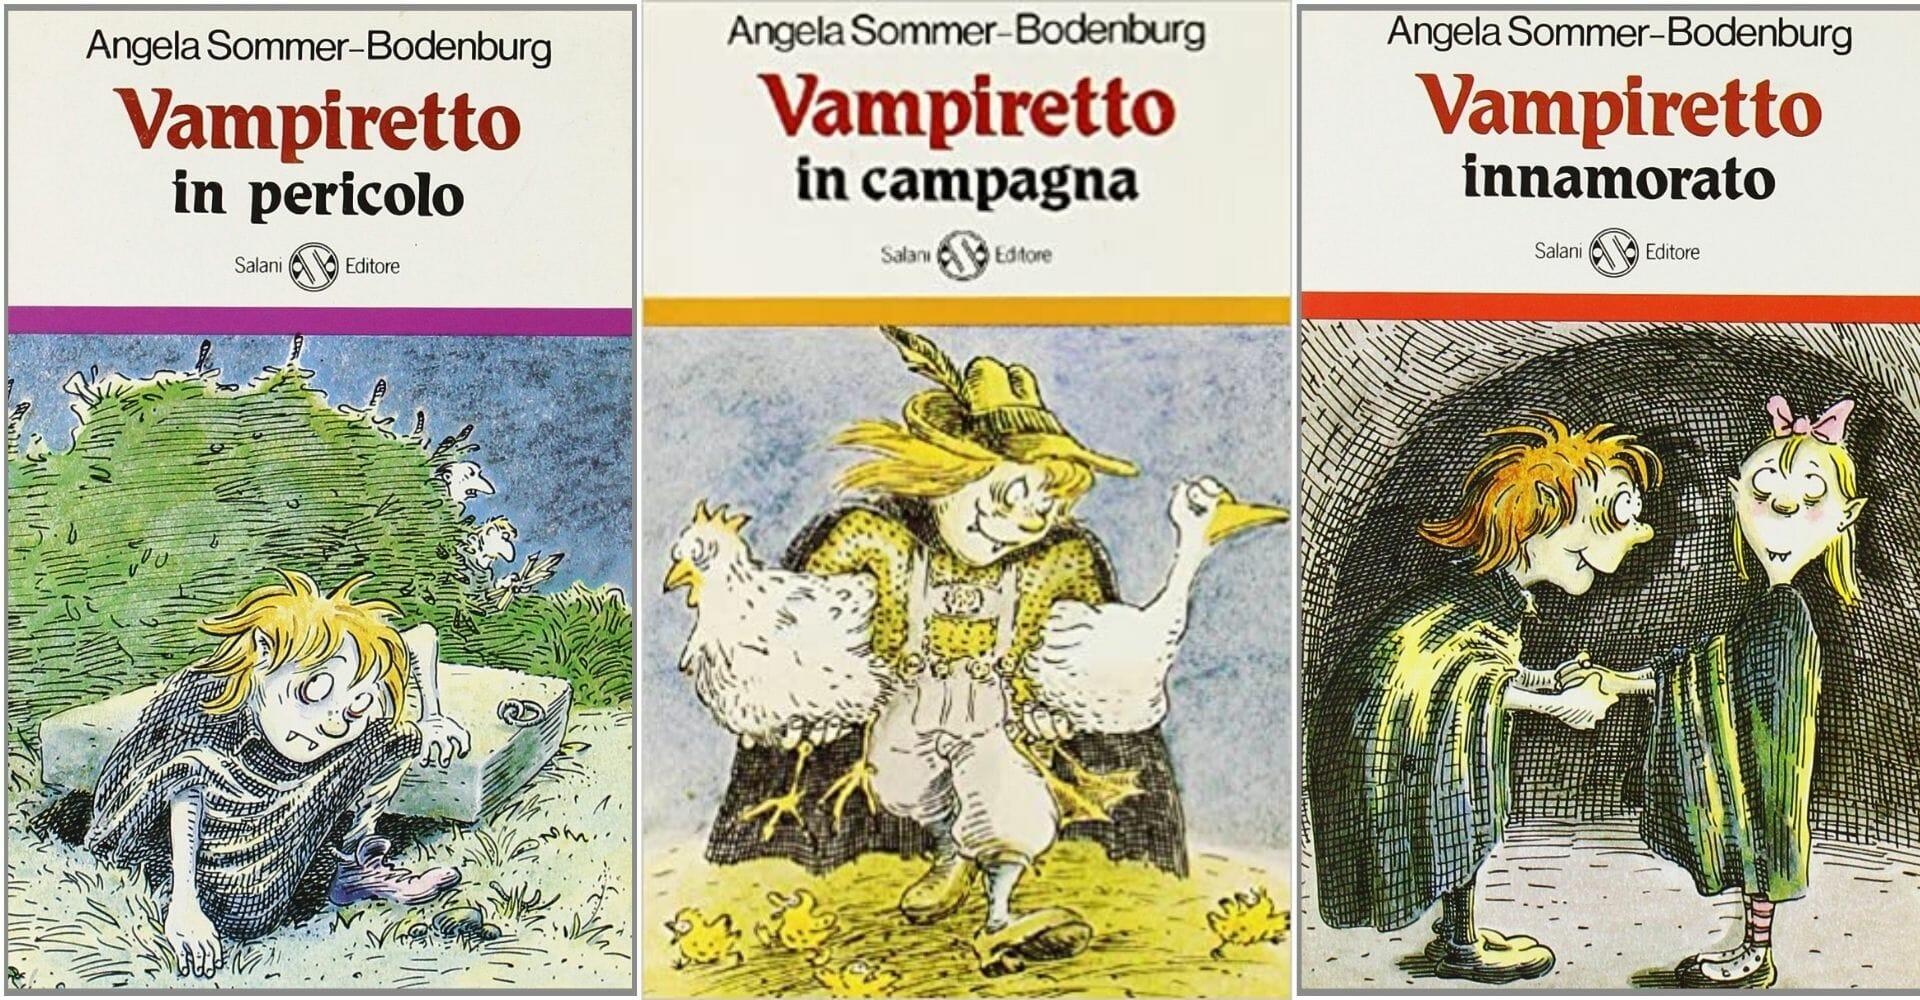 La saga di Vampiretto e l'irresistibile piacere dei brividi di paura